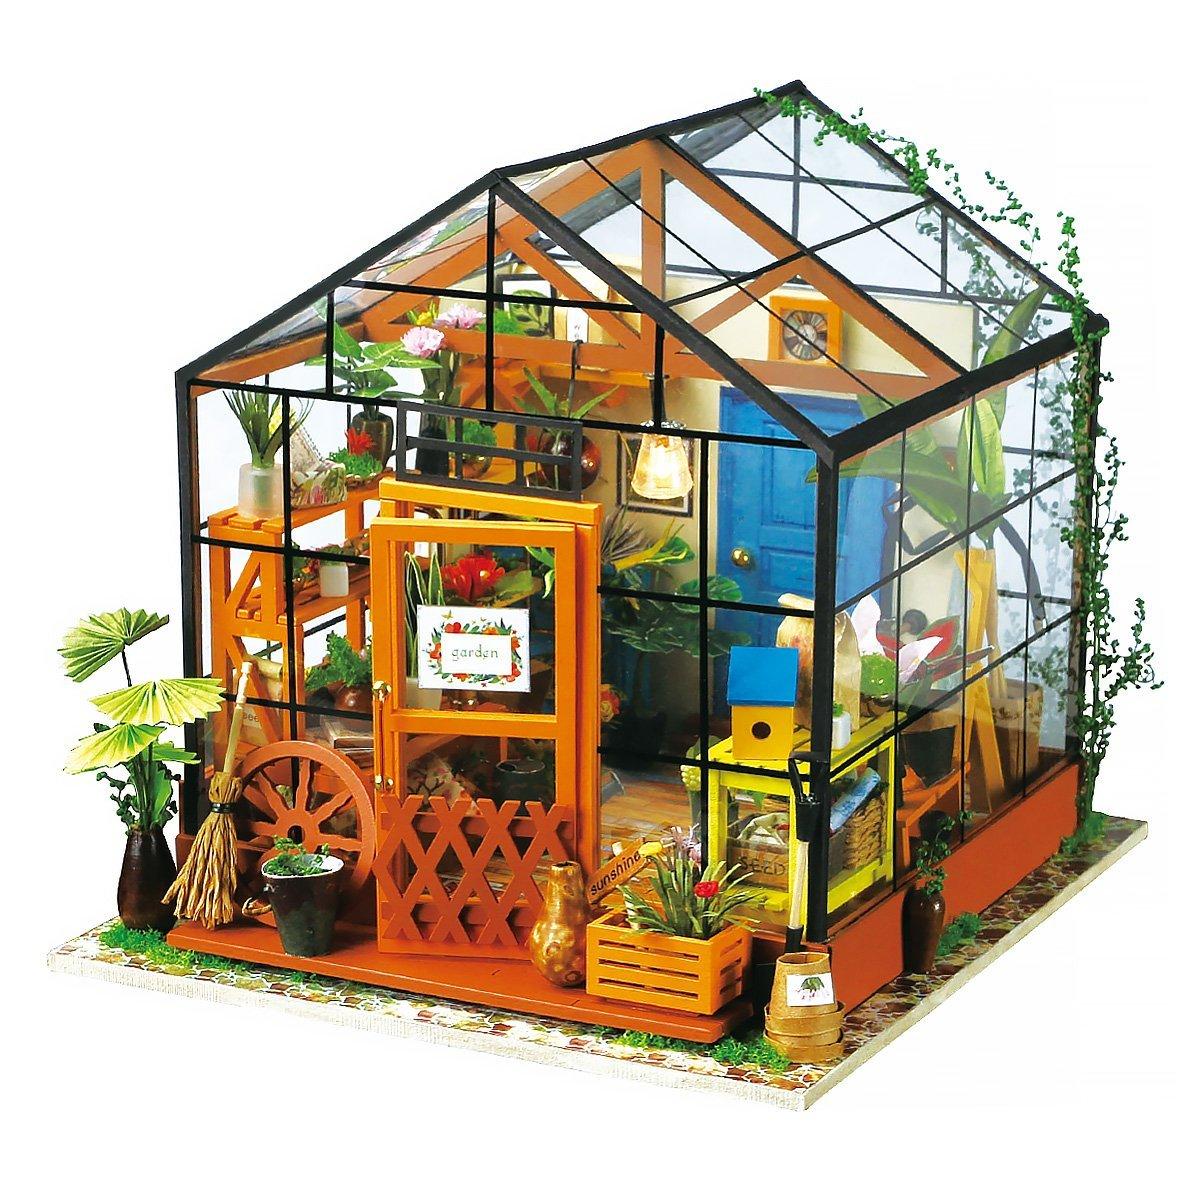 Bricolage maison de poupée décoration de la maison en bois Miniature meubles Kit Mini serre en verre meilleurs cadeaux d'anniversaire pour les femmes et les filles